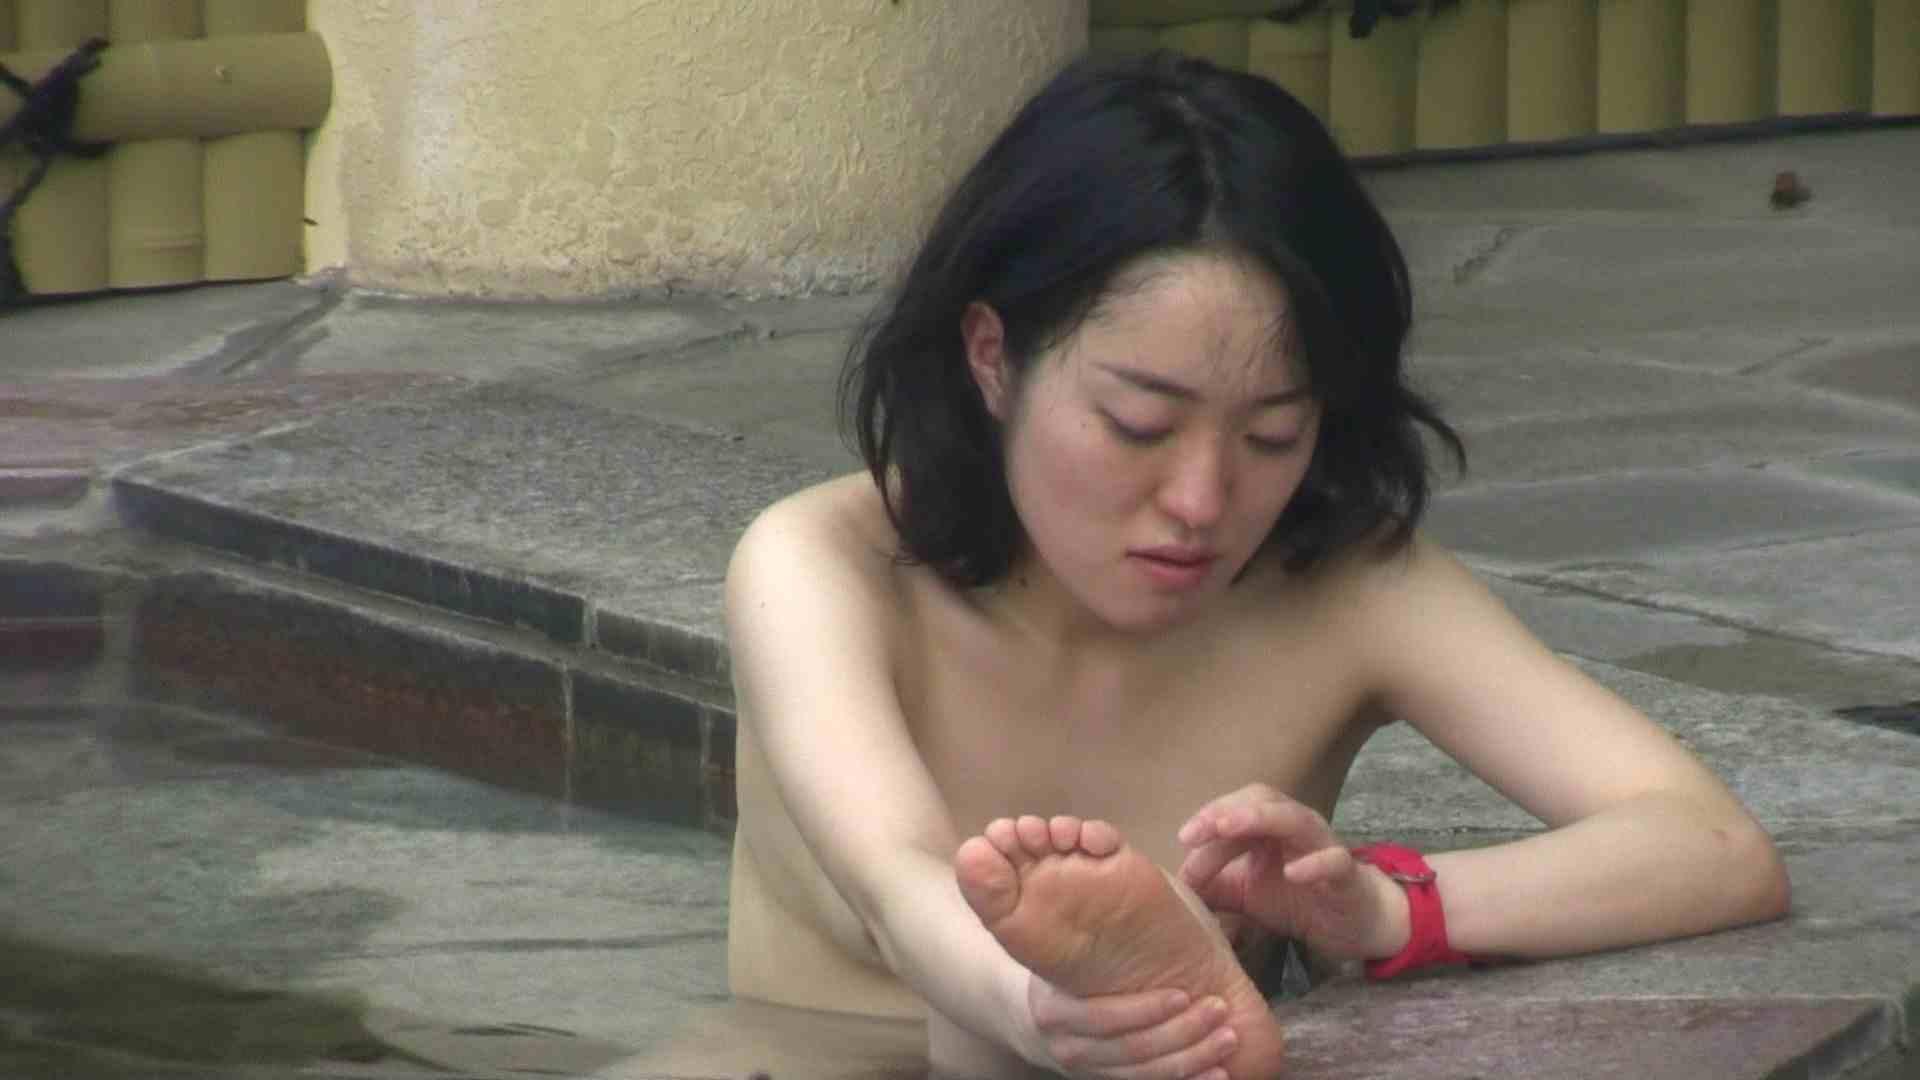 Aquaな露天風呂Vol.681 盗撮 盗撮動画紹介 98画像 20